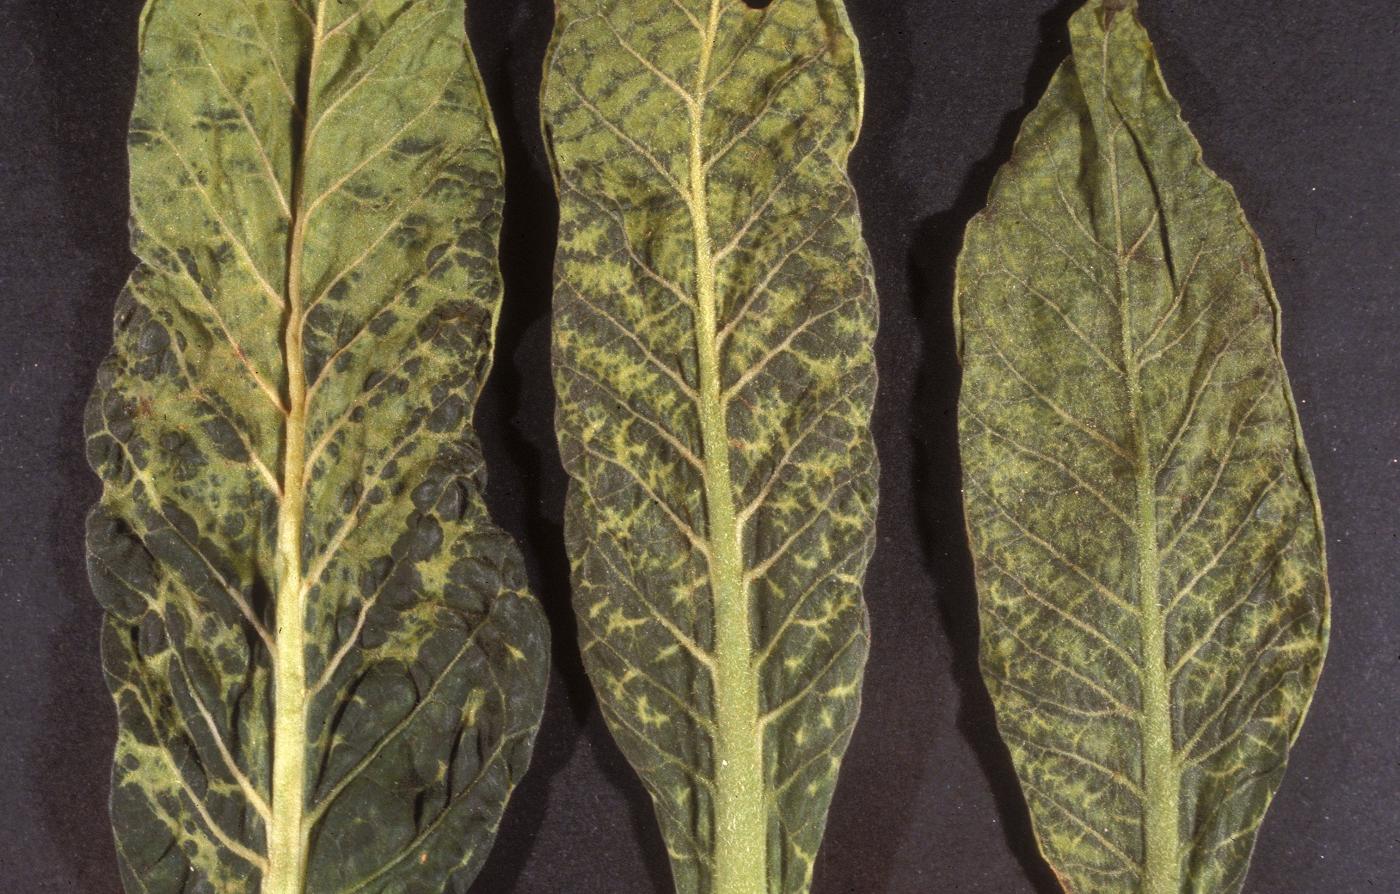 Листья табака, пораженного вирусом табачной мозаики